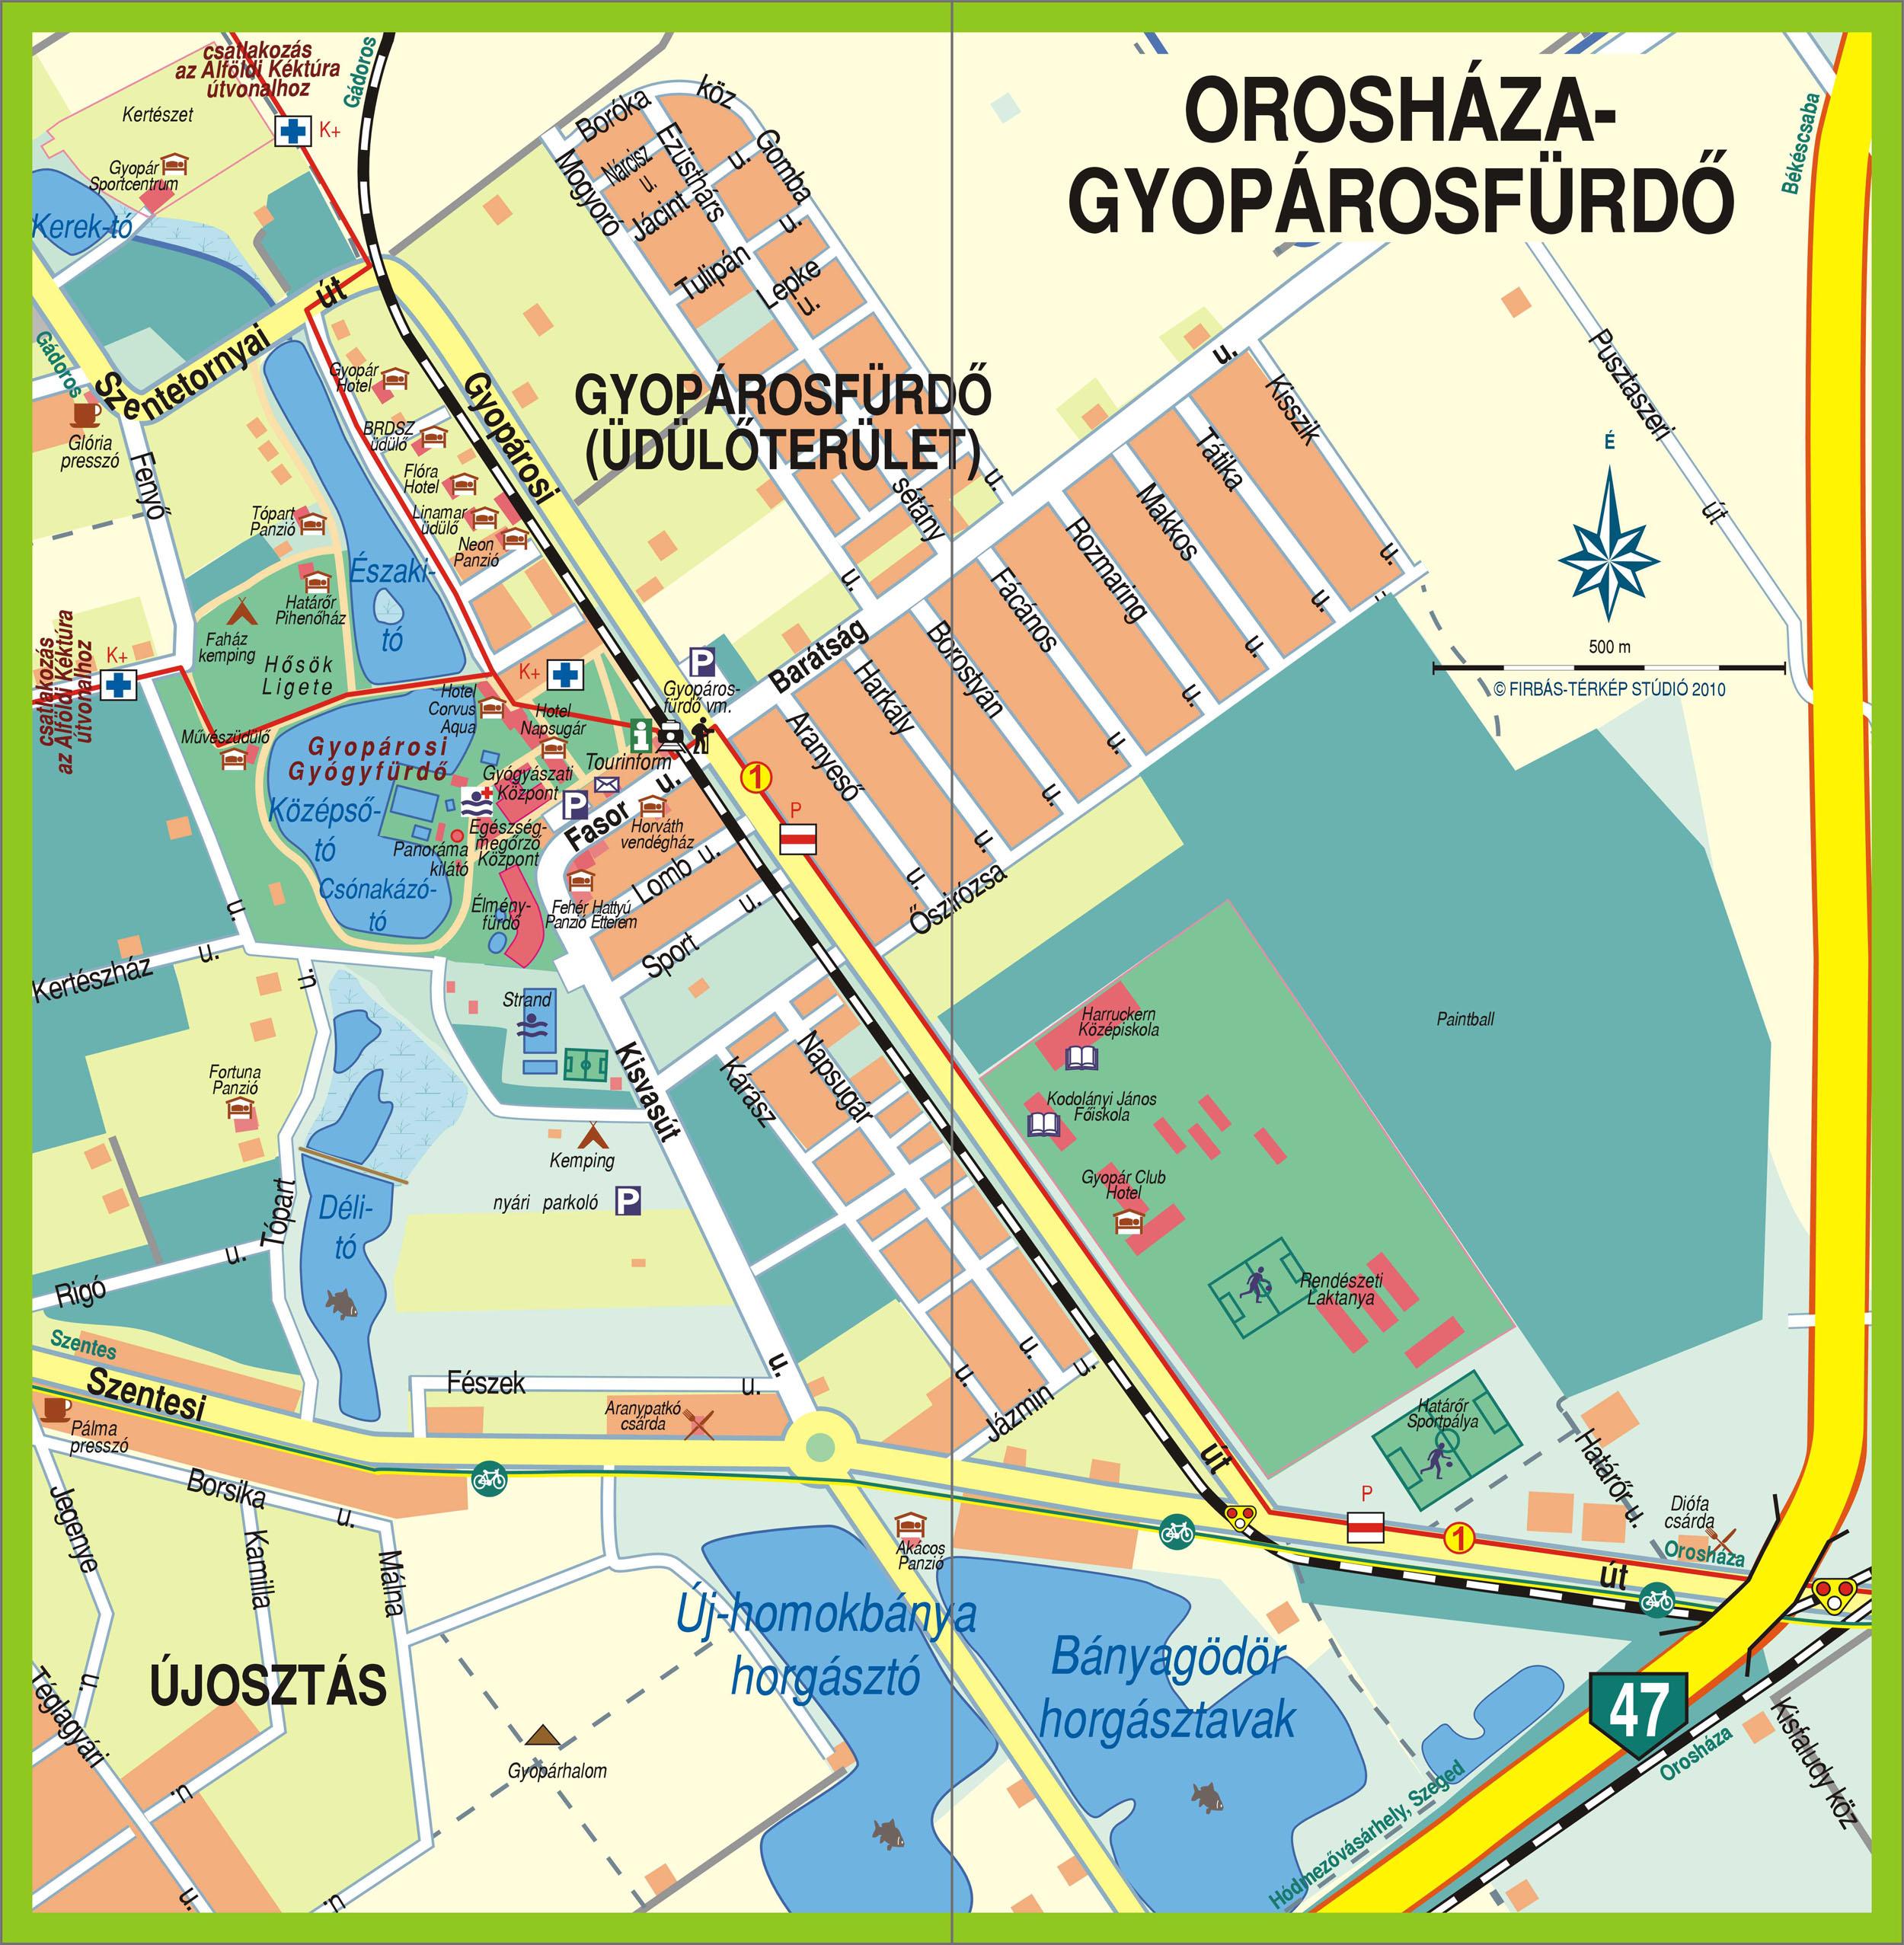 magyarország térkép gyopárosfürdő Marosháti túraútvonalak » Túratérképek magyarország térkép gyopárosfürdő